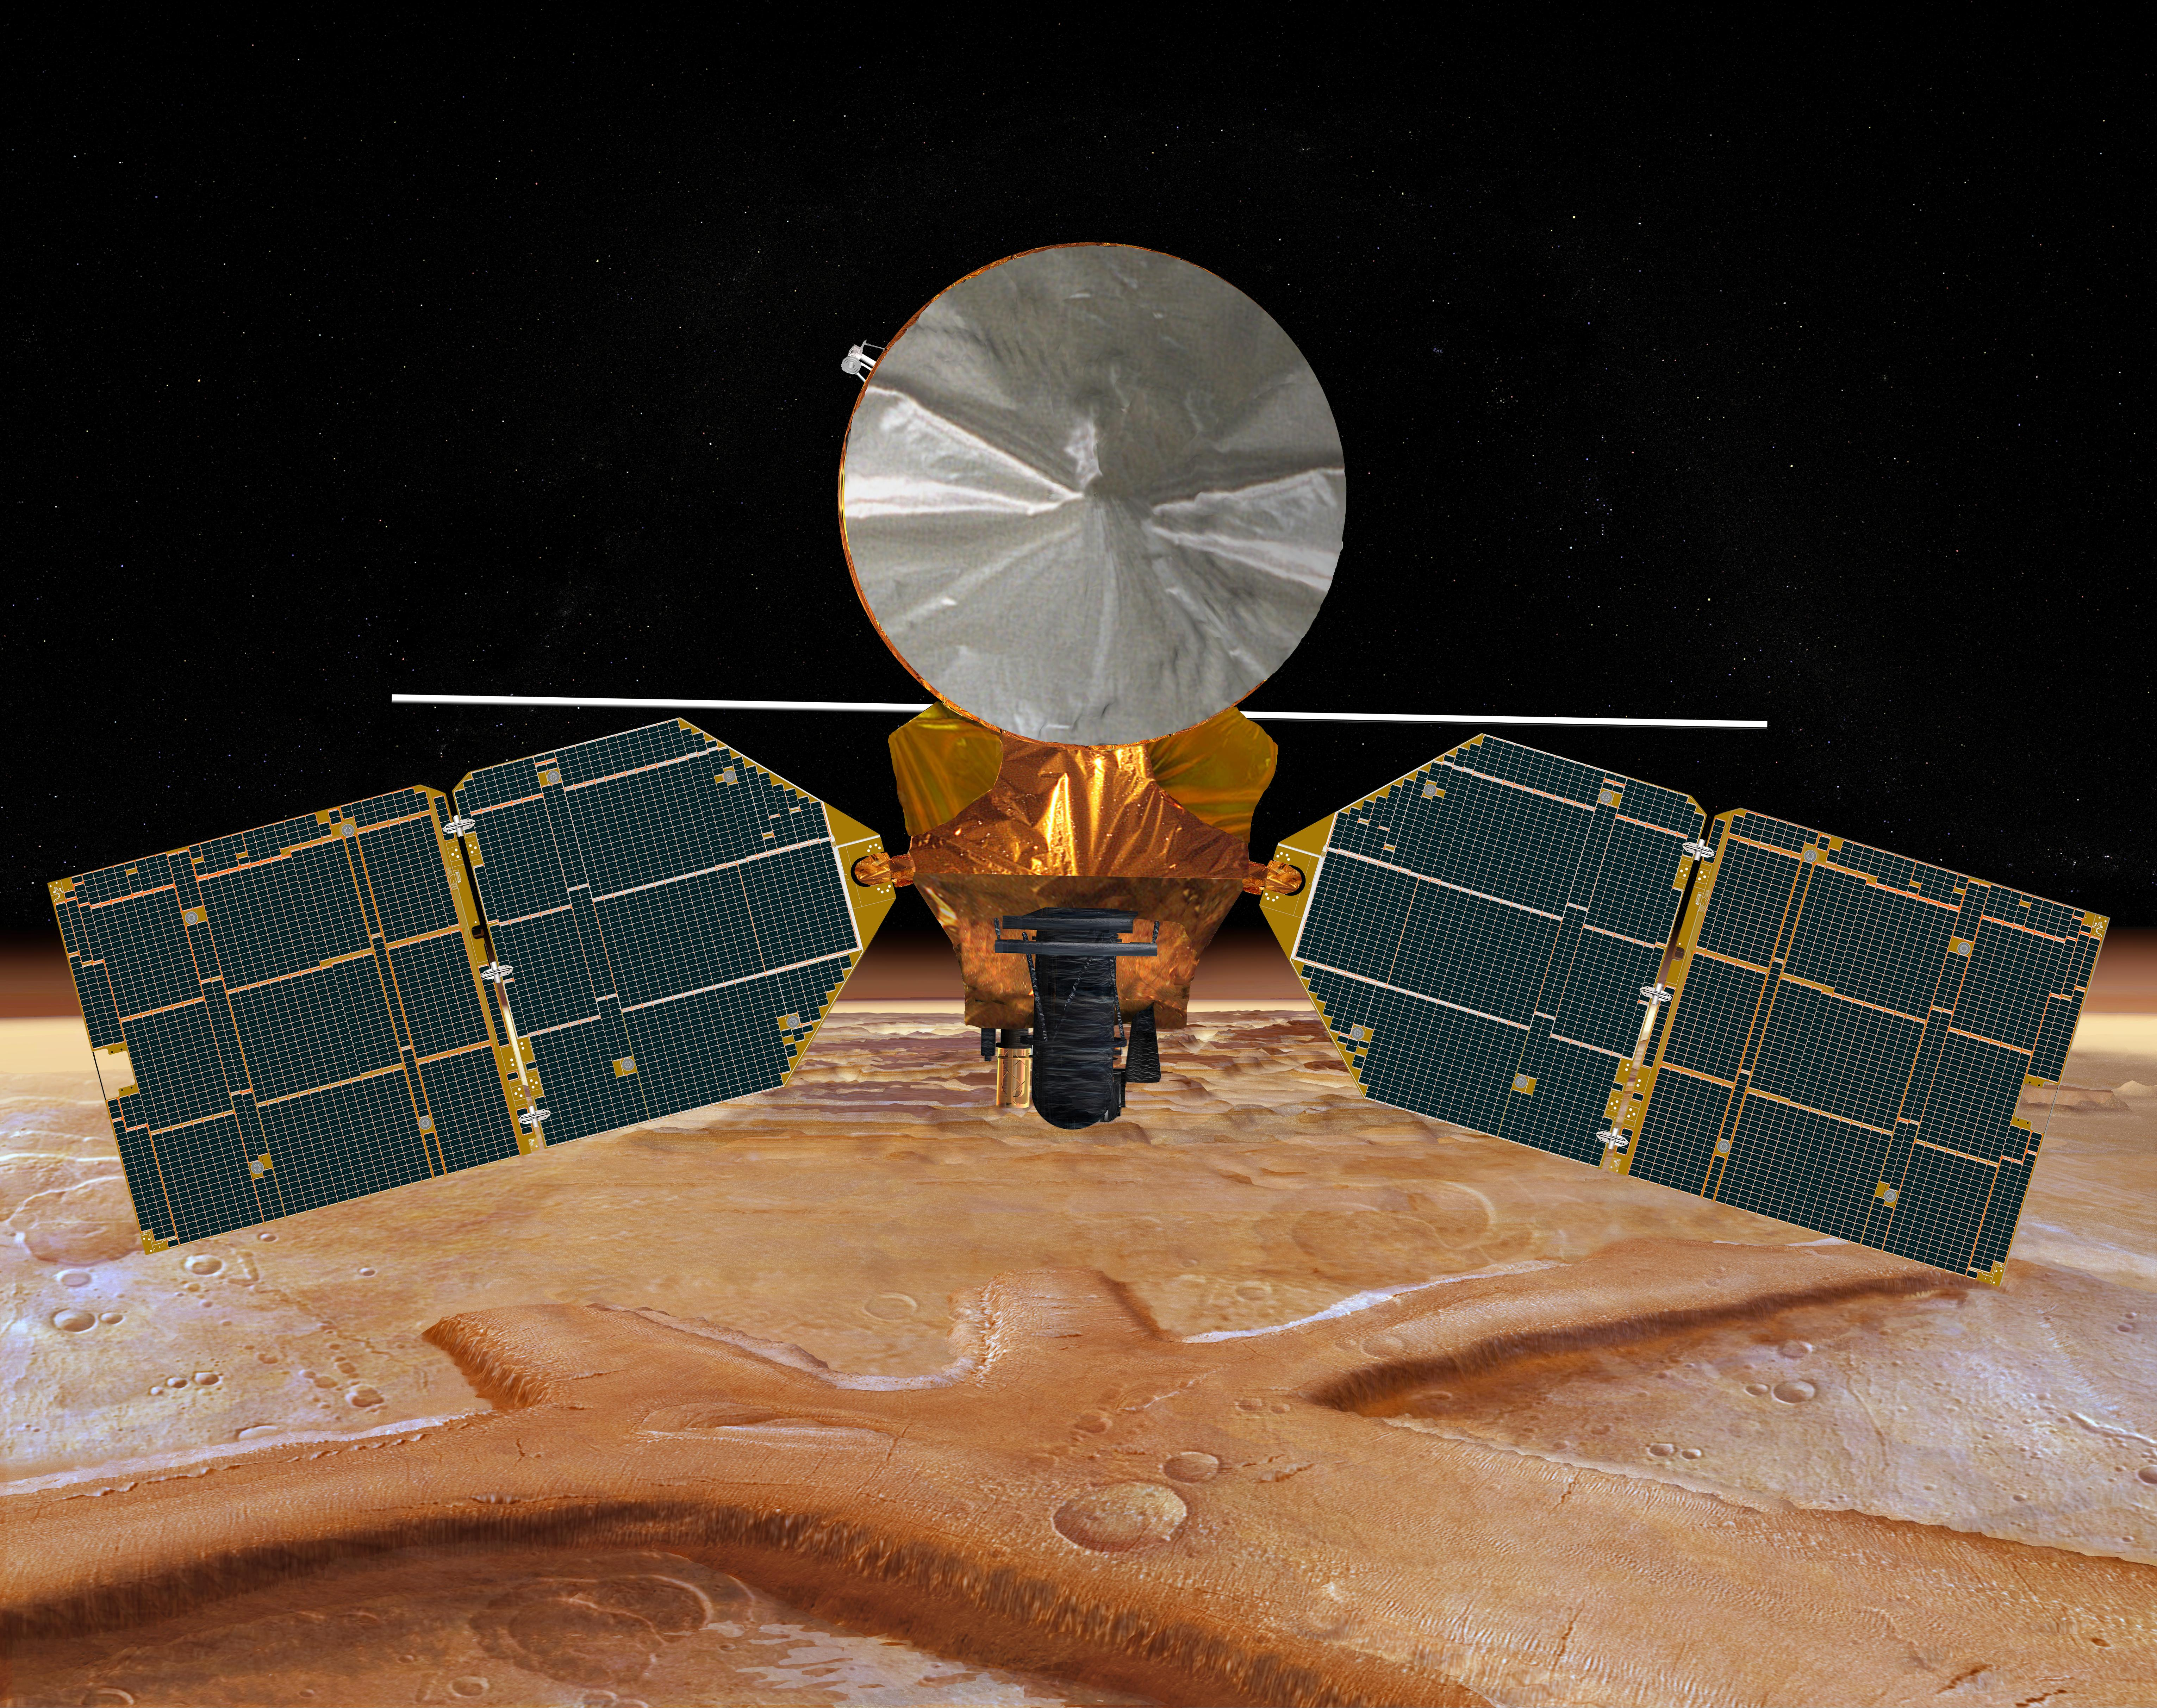 Reconnaissance Satellites on Mars Nasa 39 s Mars Reconnaissance